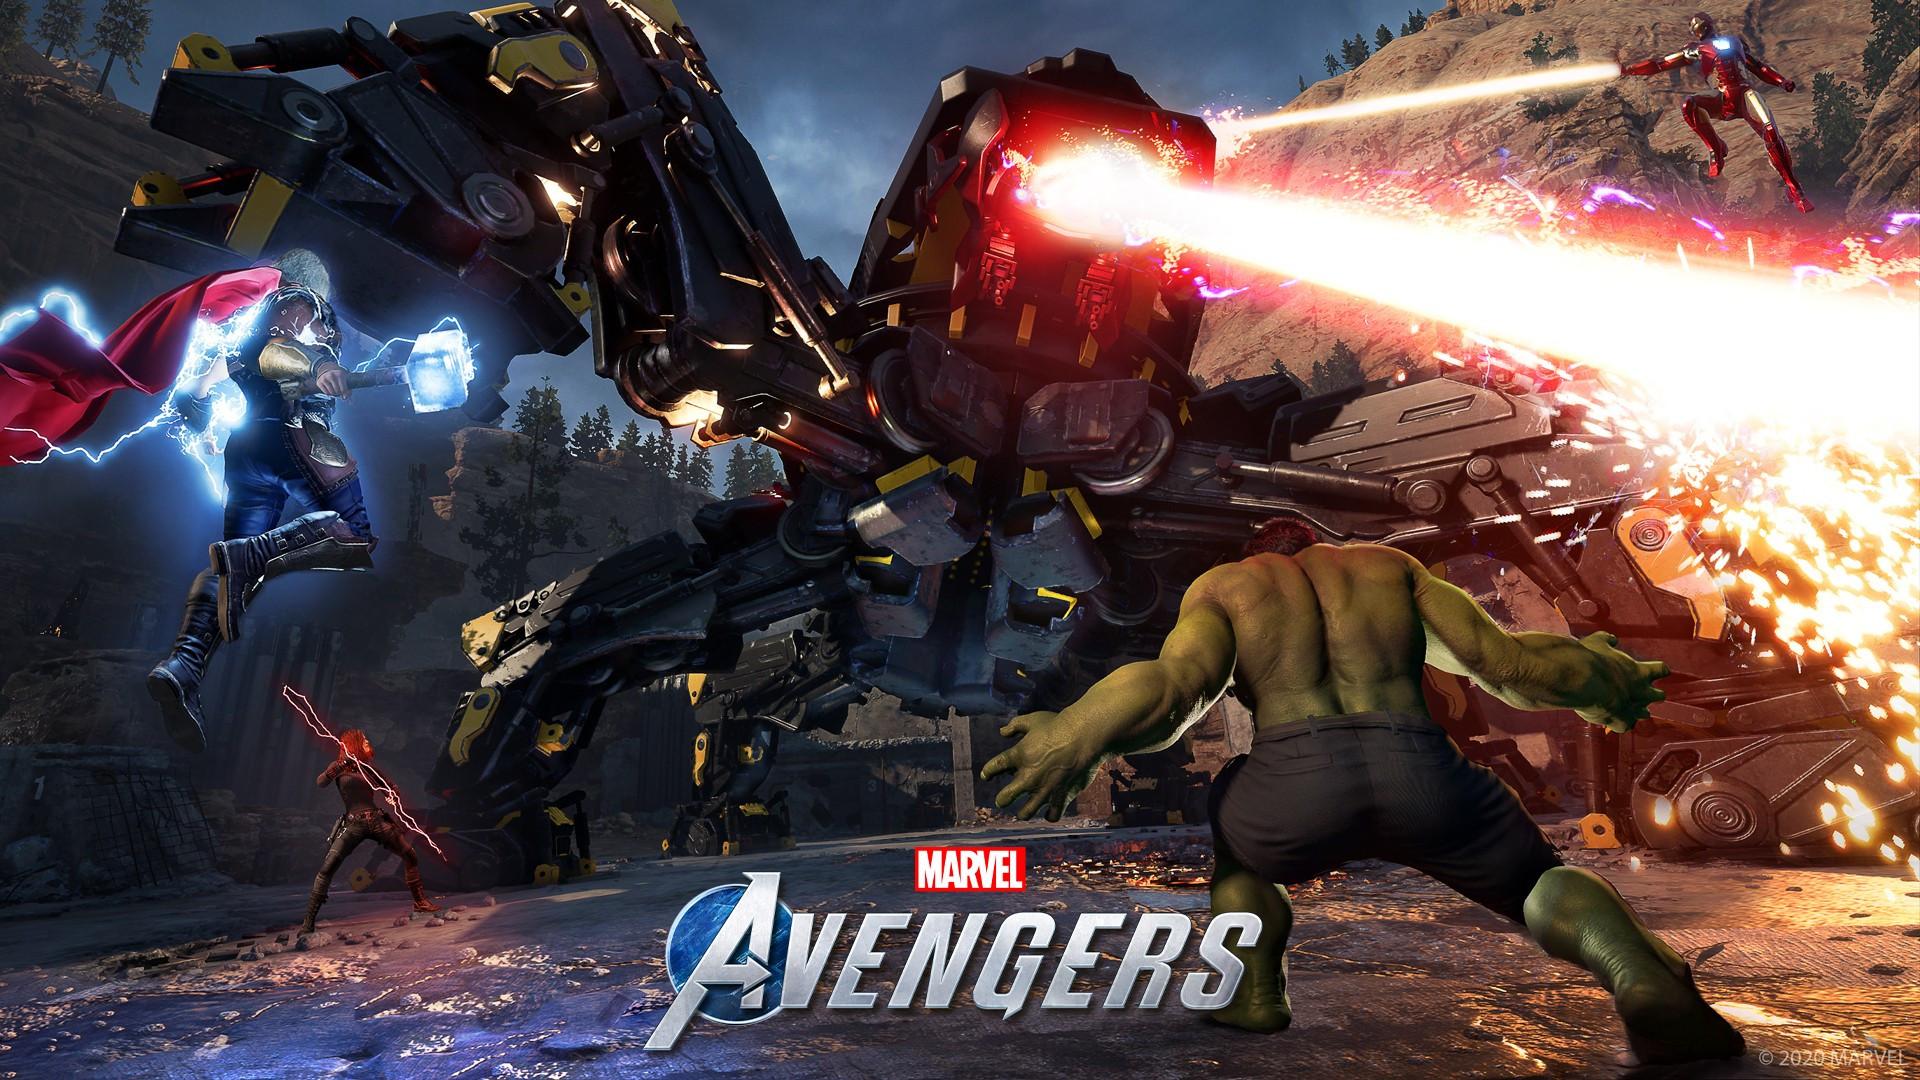 marvels avengers game hd wallpaper 74176